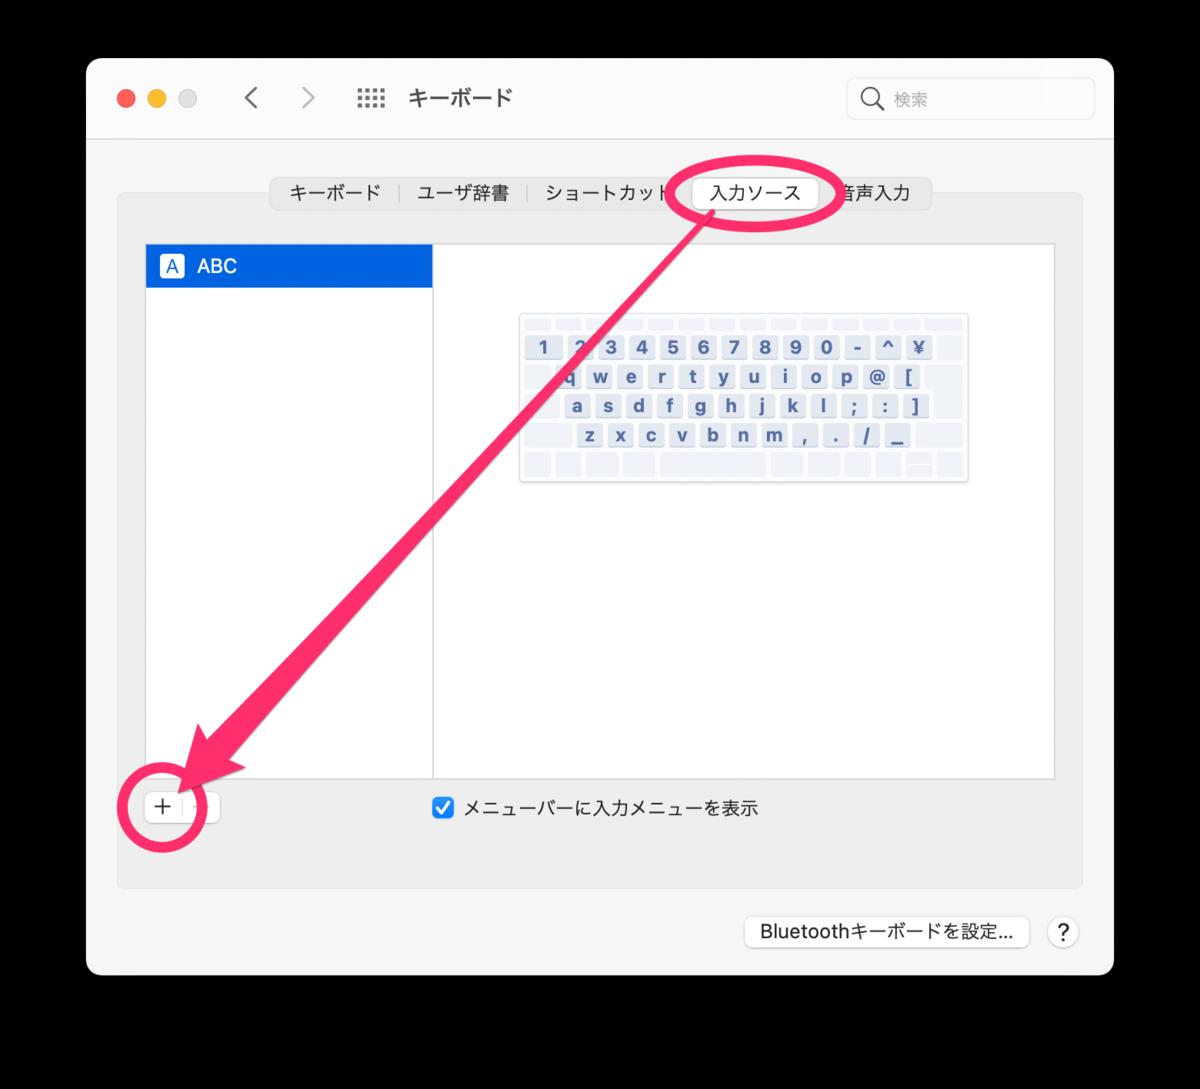 f:id:okinawa-wandabo:20210421125338p:plain